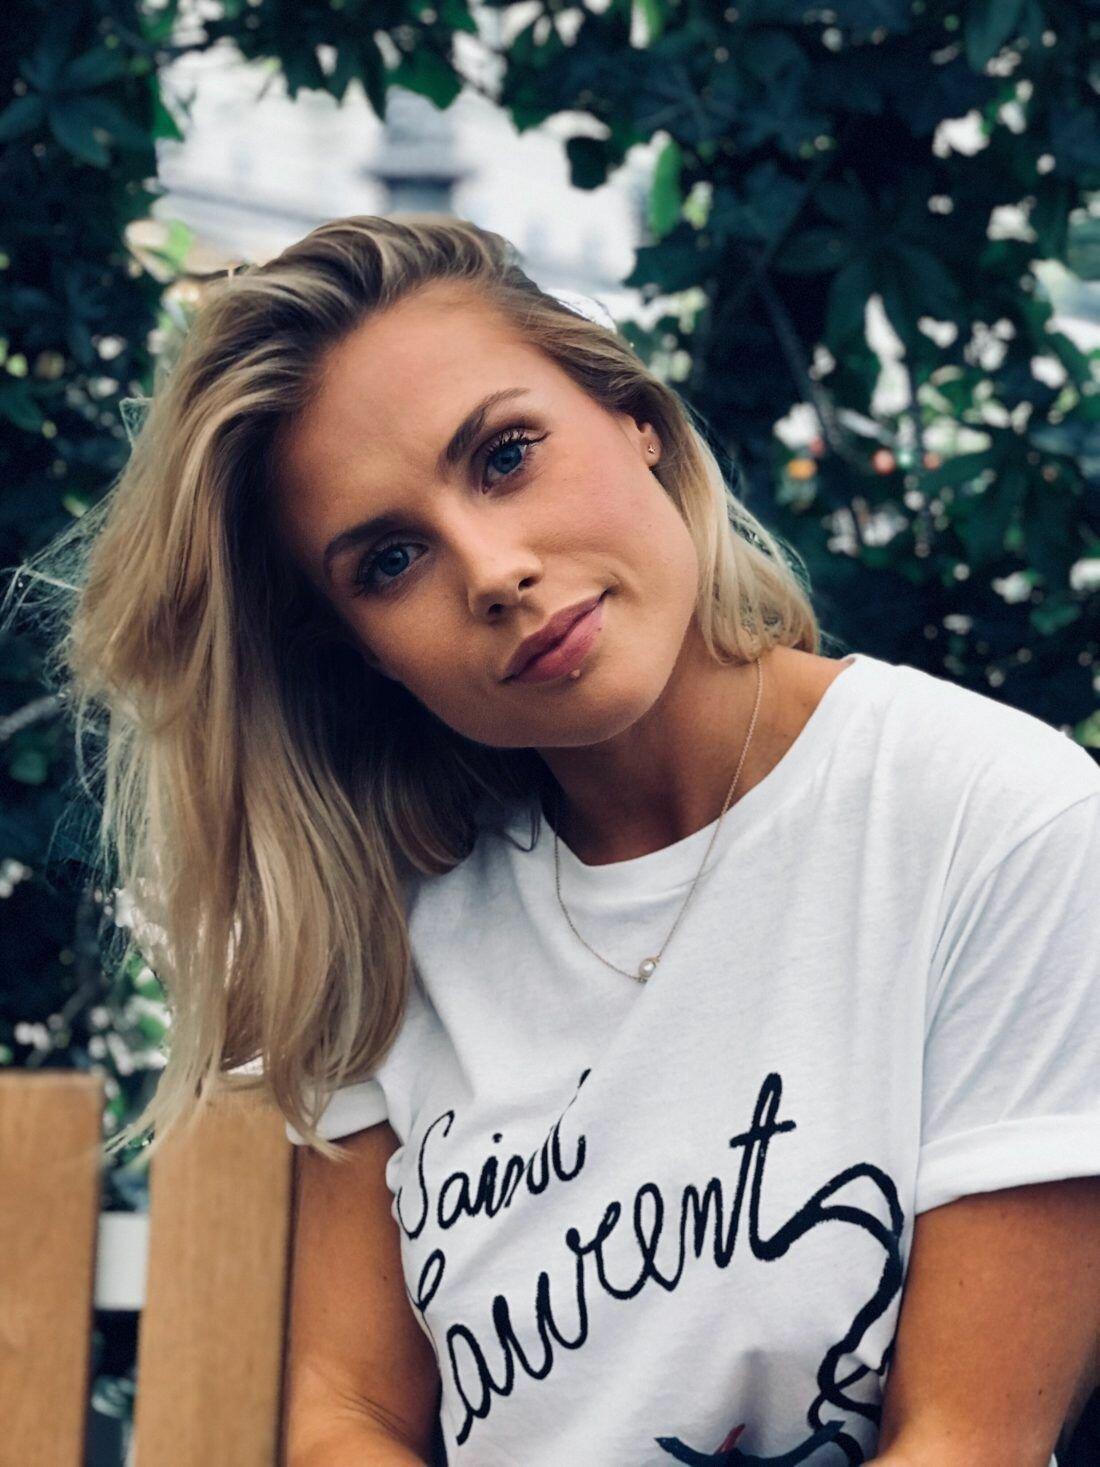 Dejting Levis bästa dejtingsajt för singlar över 40